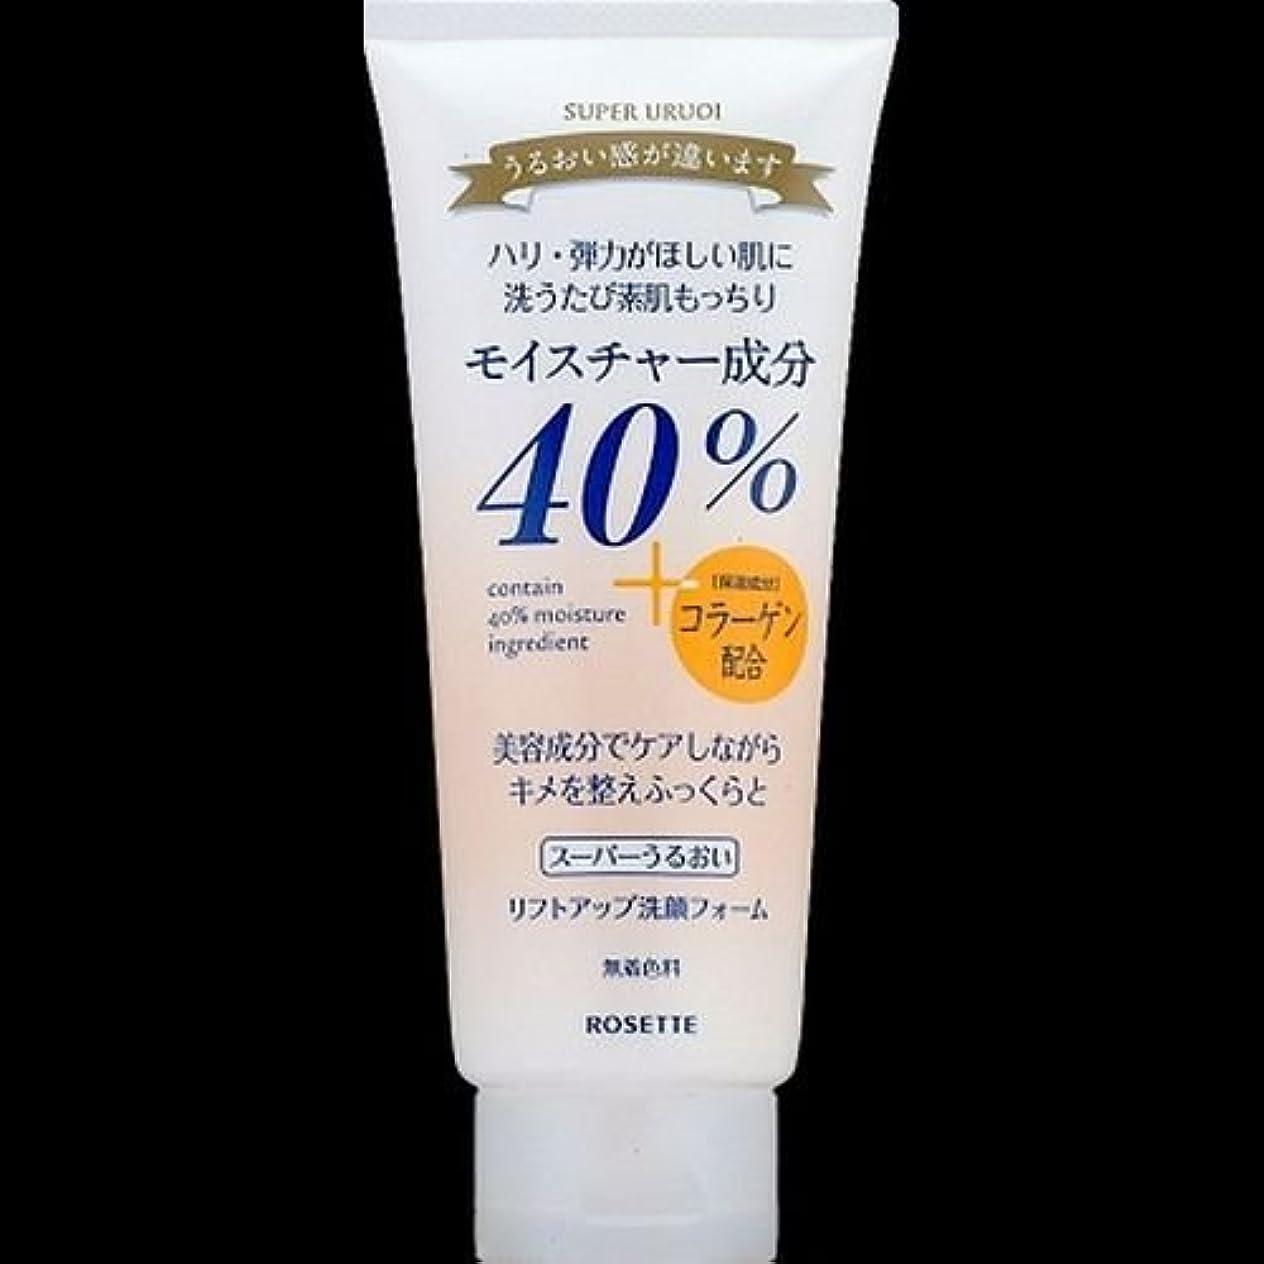 抜け目のない個人的なアメリカ【まとめ買い】ロゼット 40%スーパーうるおいリフトアップ洗顔フォーム 168g ×2セット